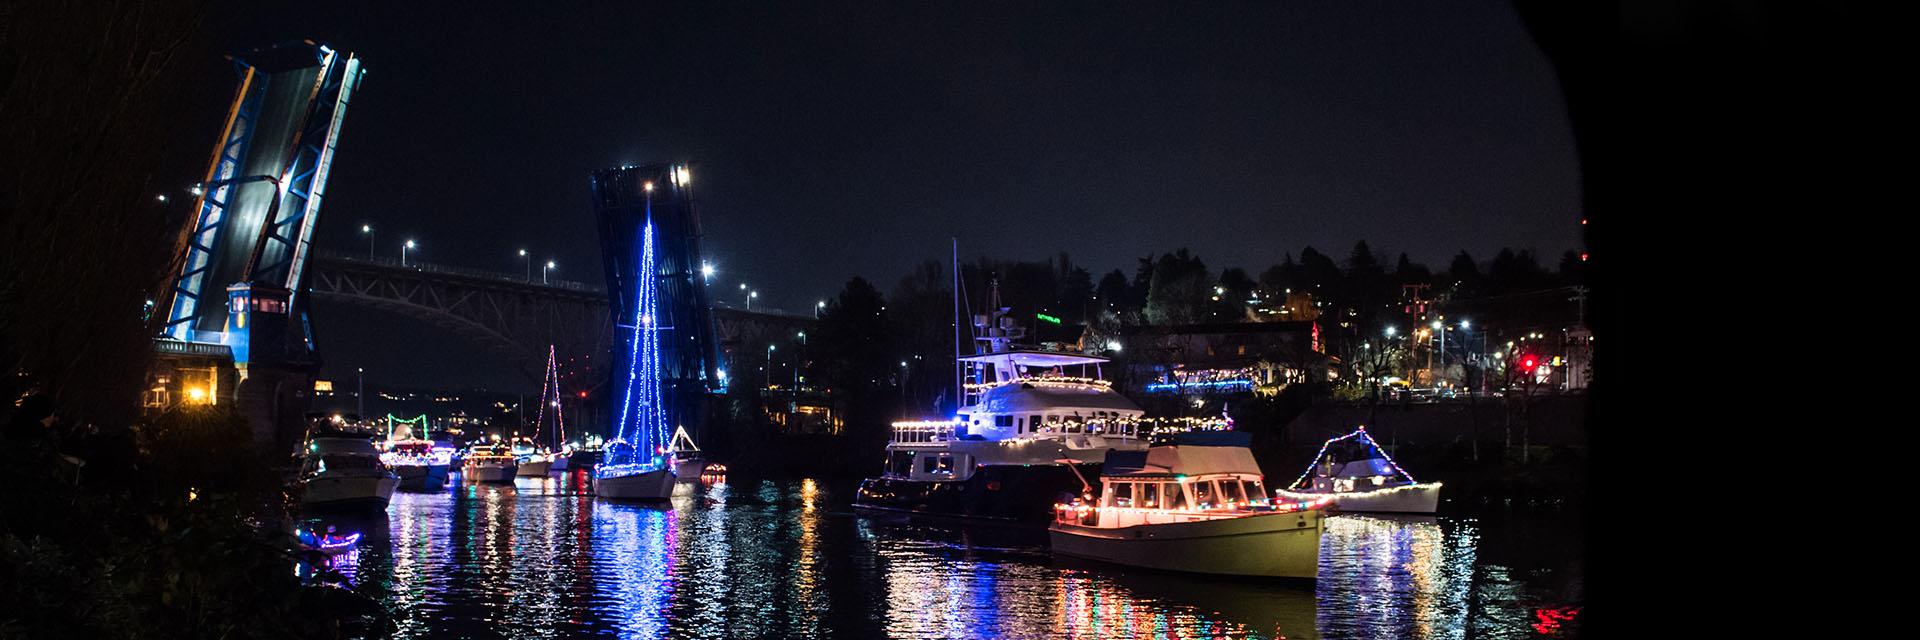 Christmas Ship™ Parade of Boats   Argosy Cruises